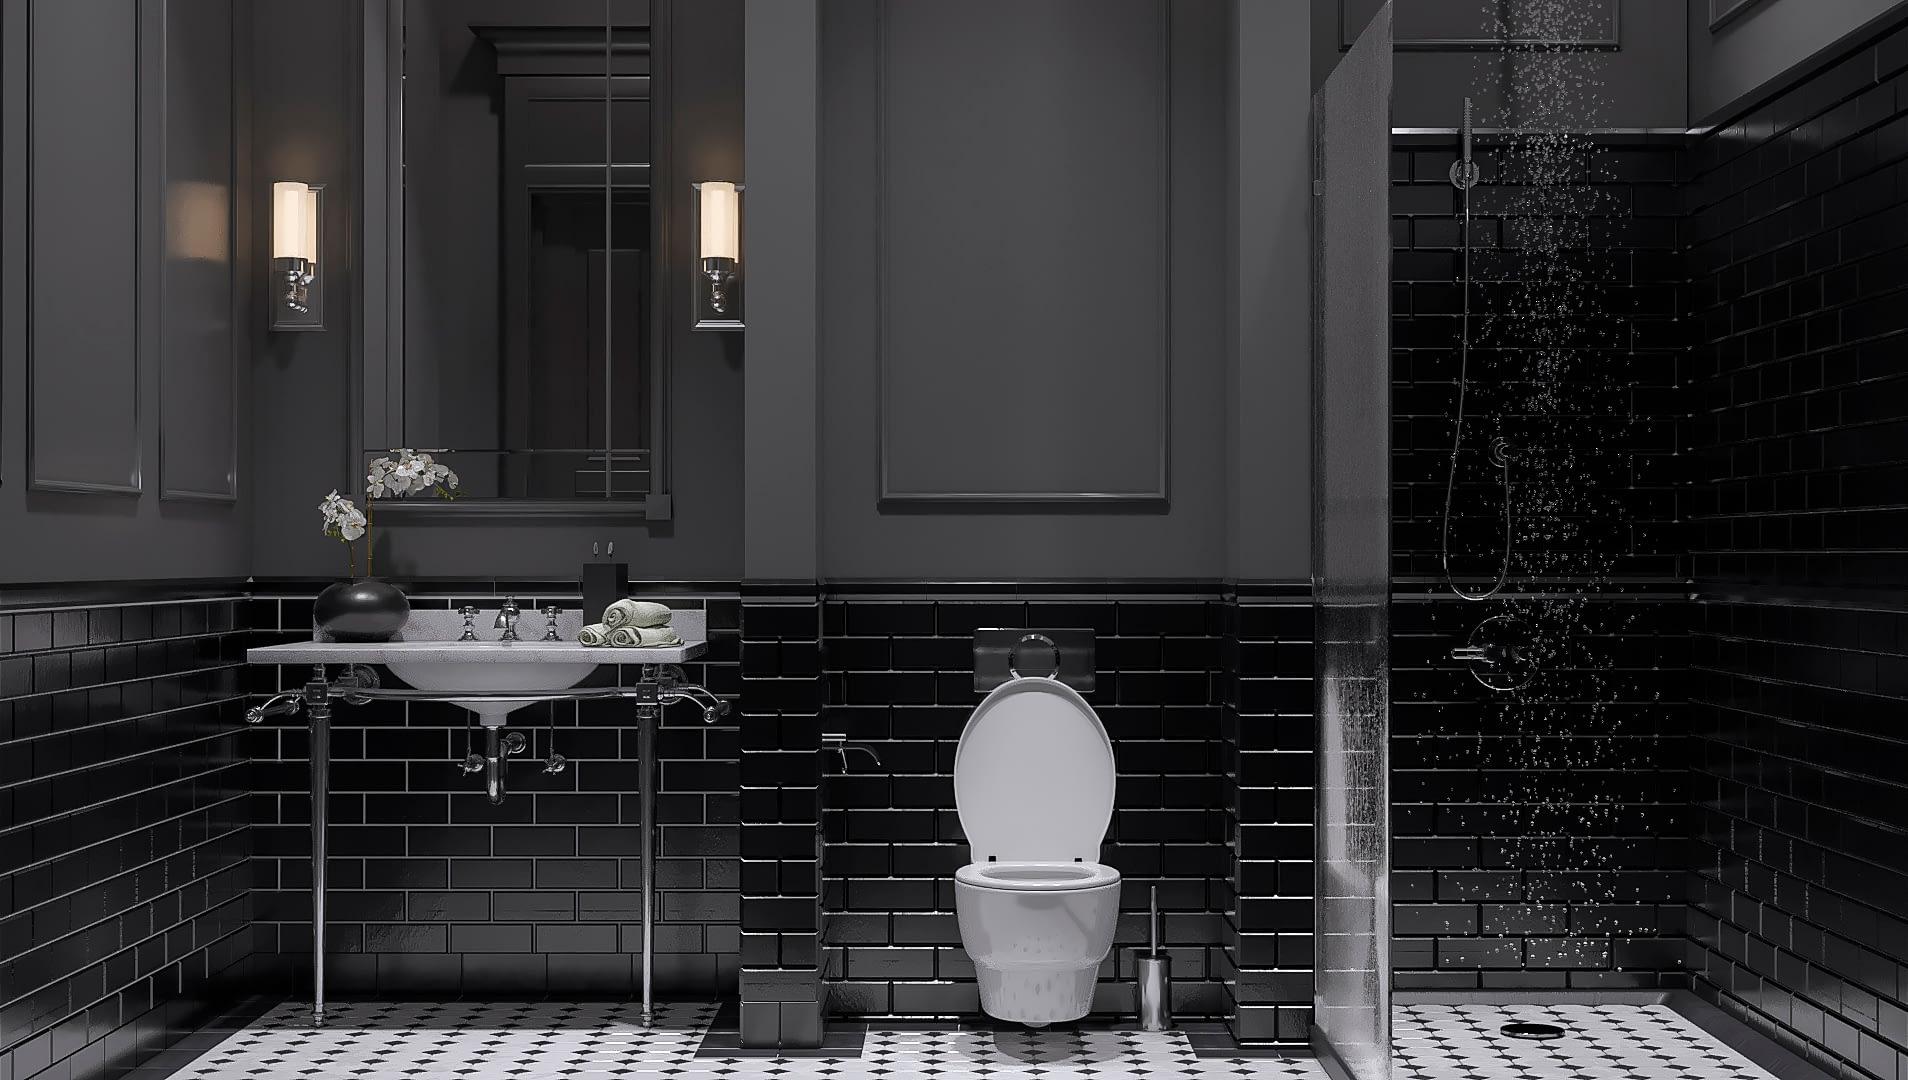 дизайн проект ванной комнаты квартиры в стиле неоклассика